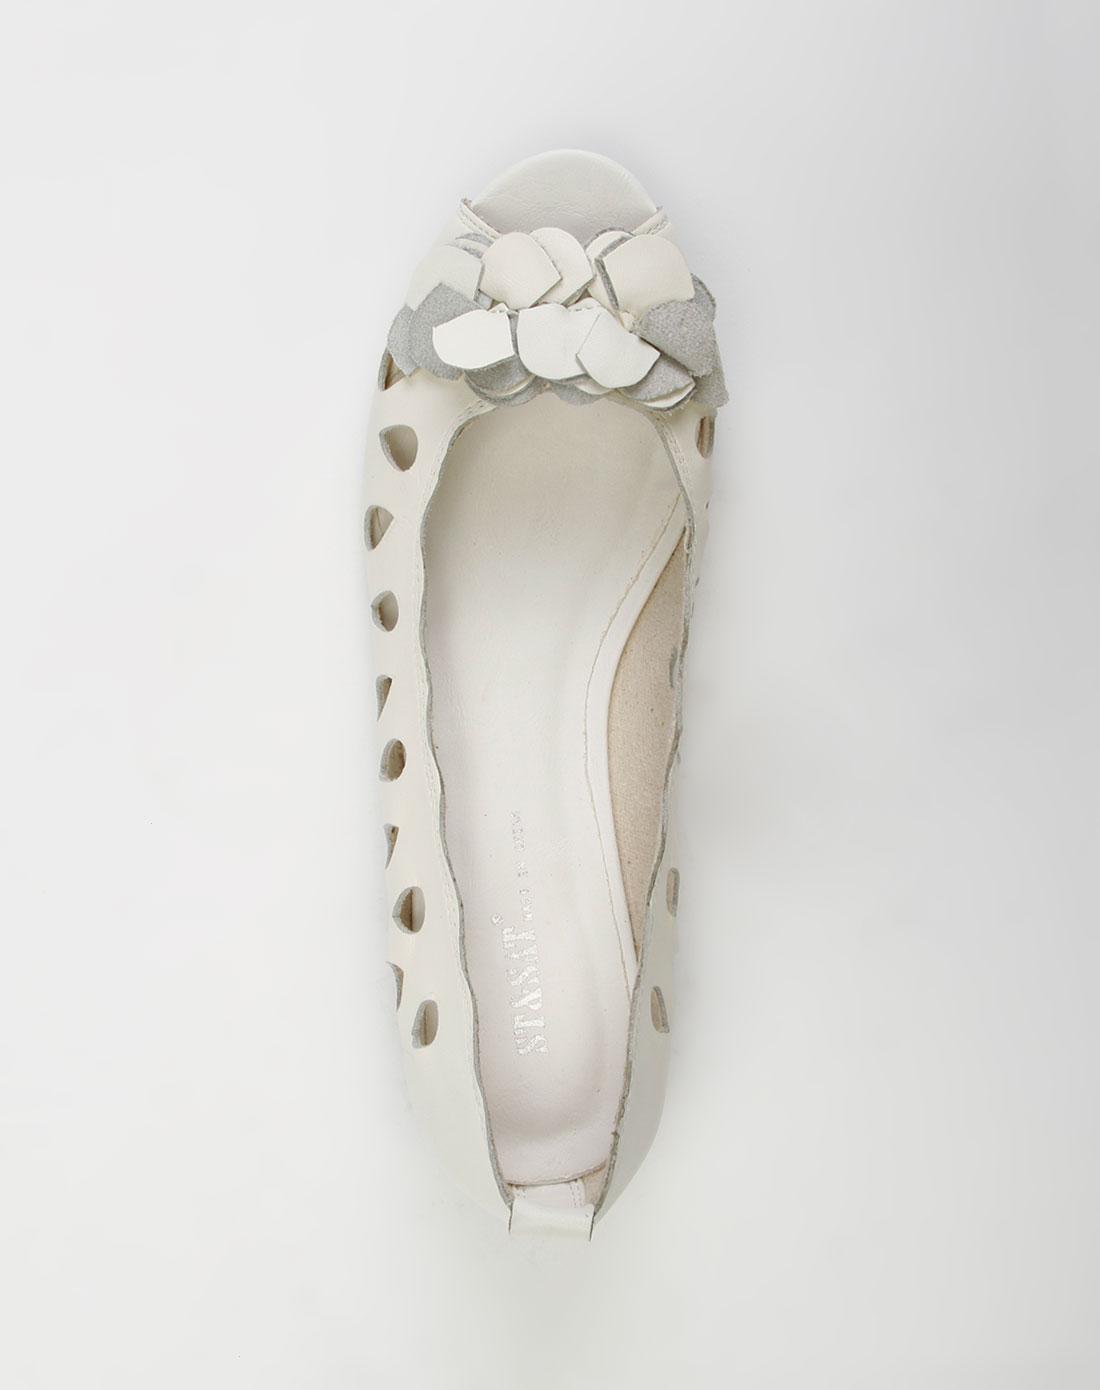 白色镂空鱼嘴平底凉鞋